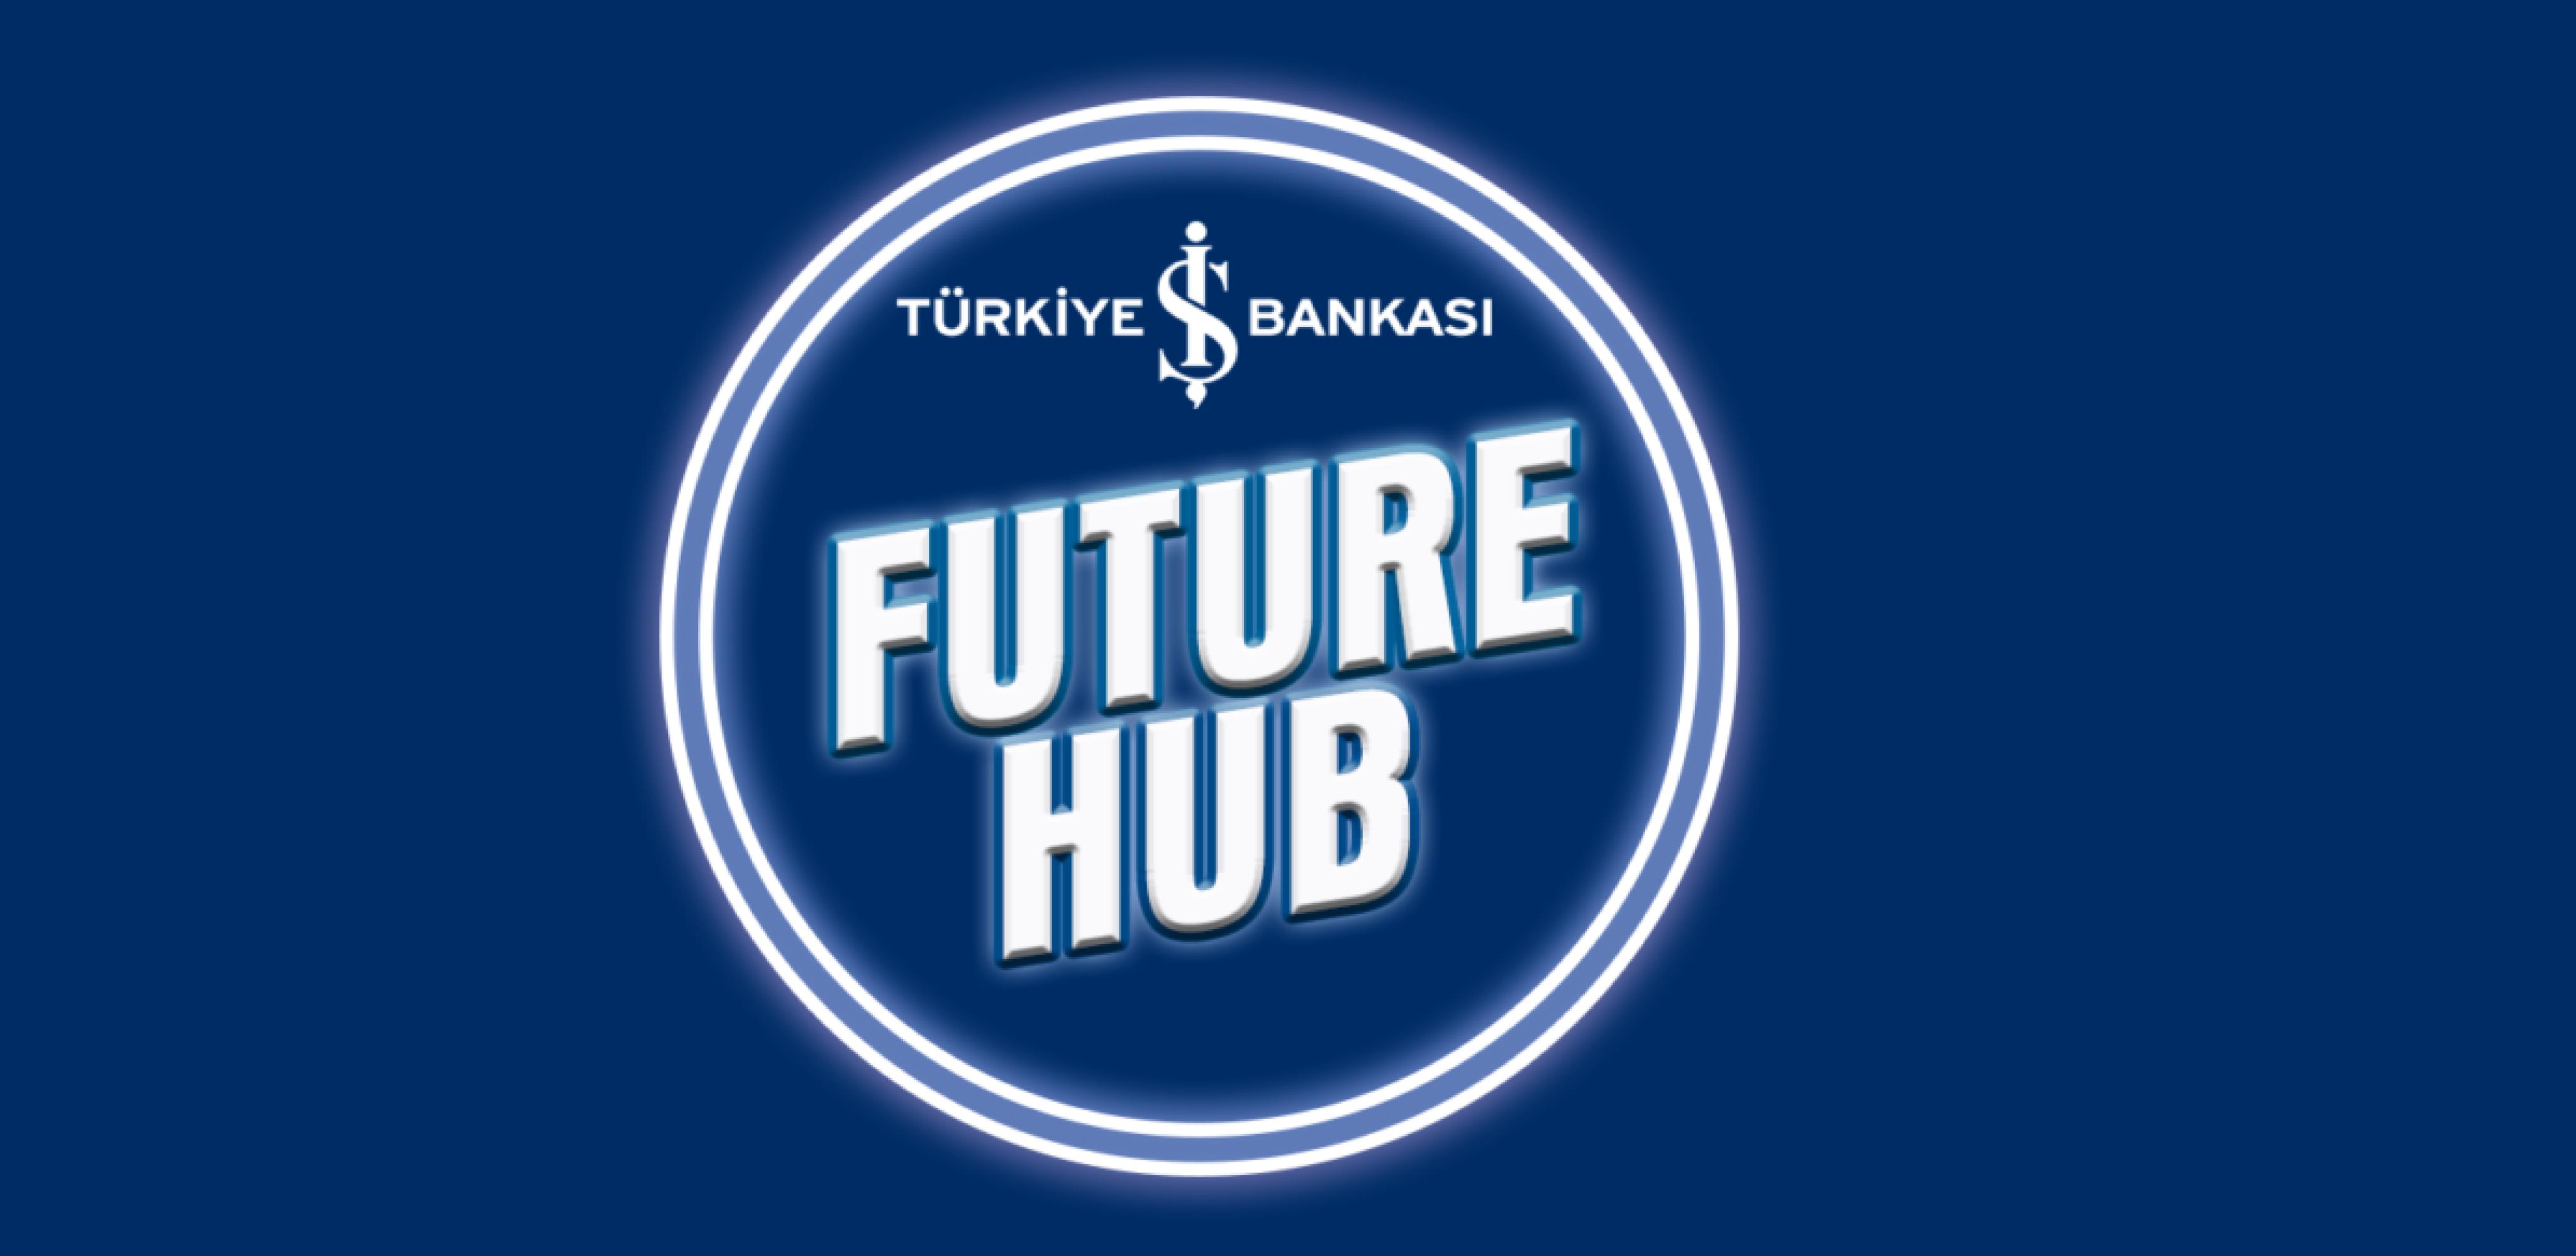 İş Bankası Future Hub